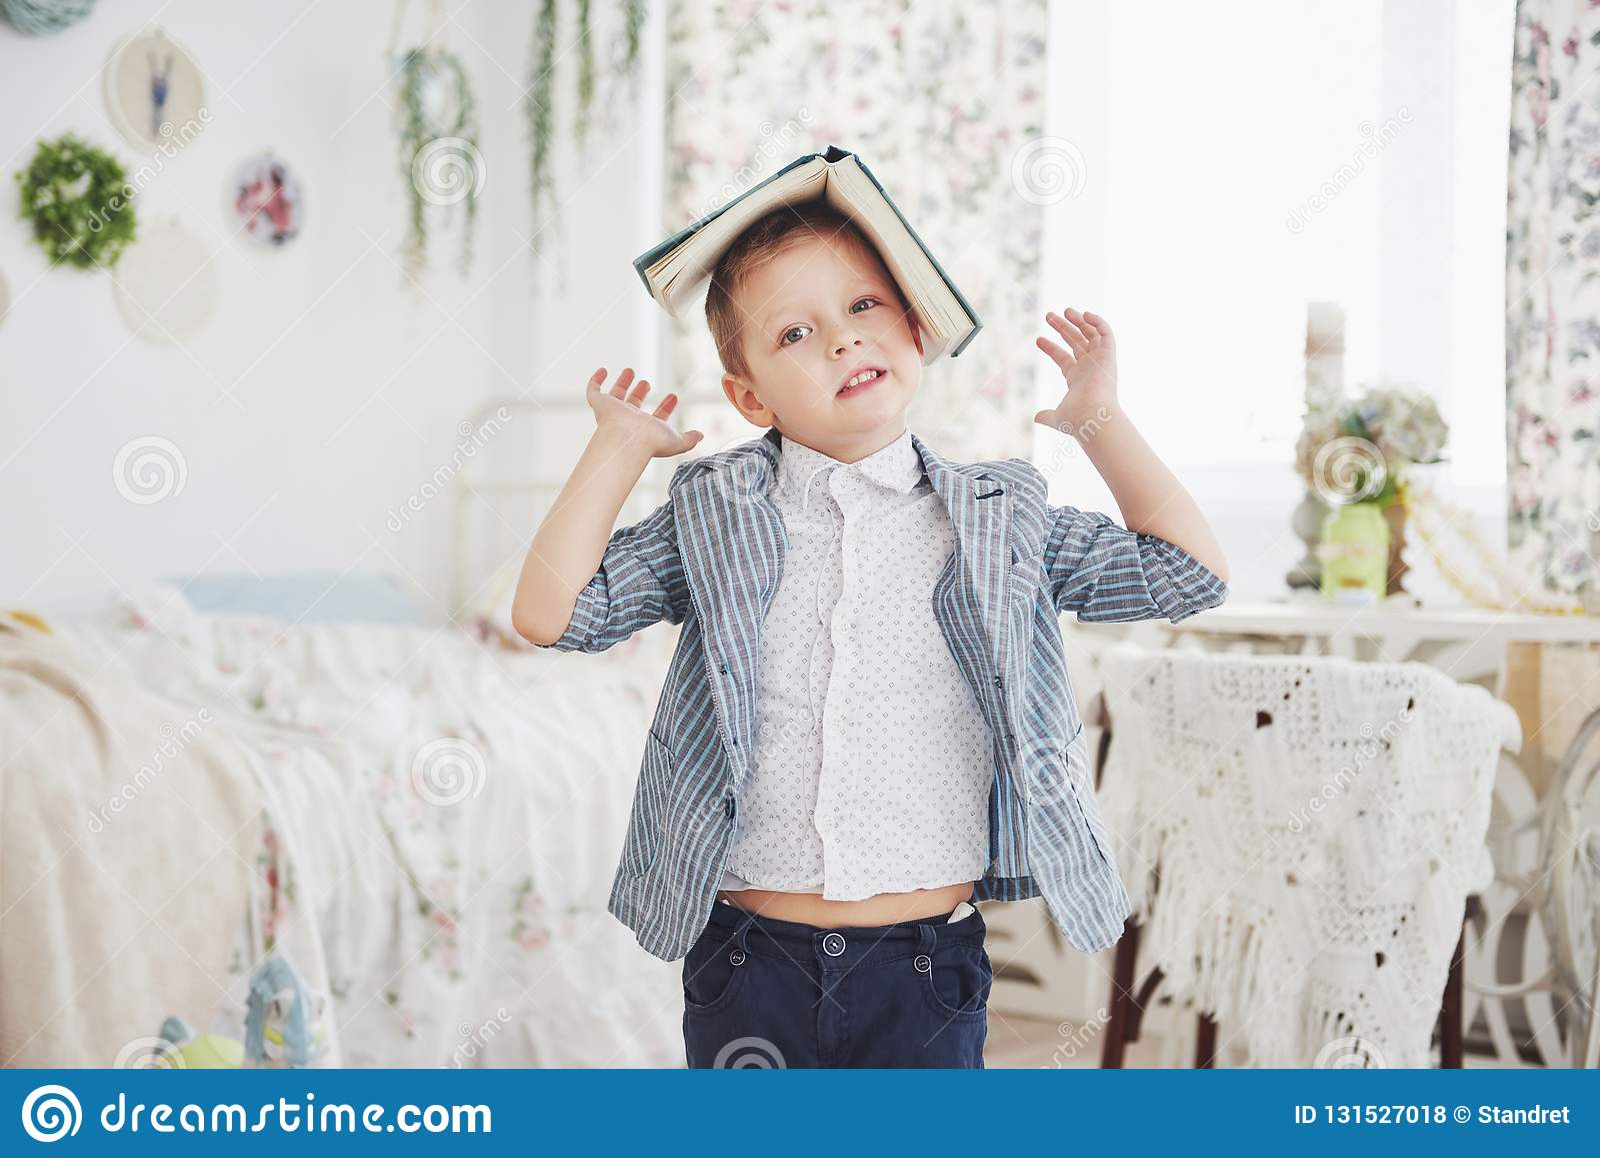 Foto des sorgfältigen Schülers mit Buch auf seinem Kopf möchte nicht studieren und gehen zu schulen Der Schüler ist von müde